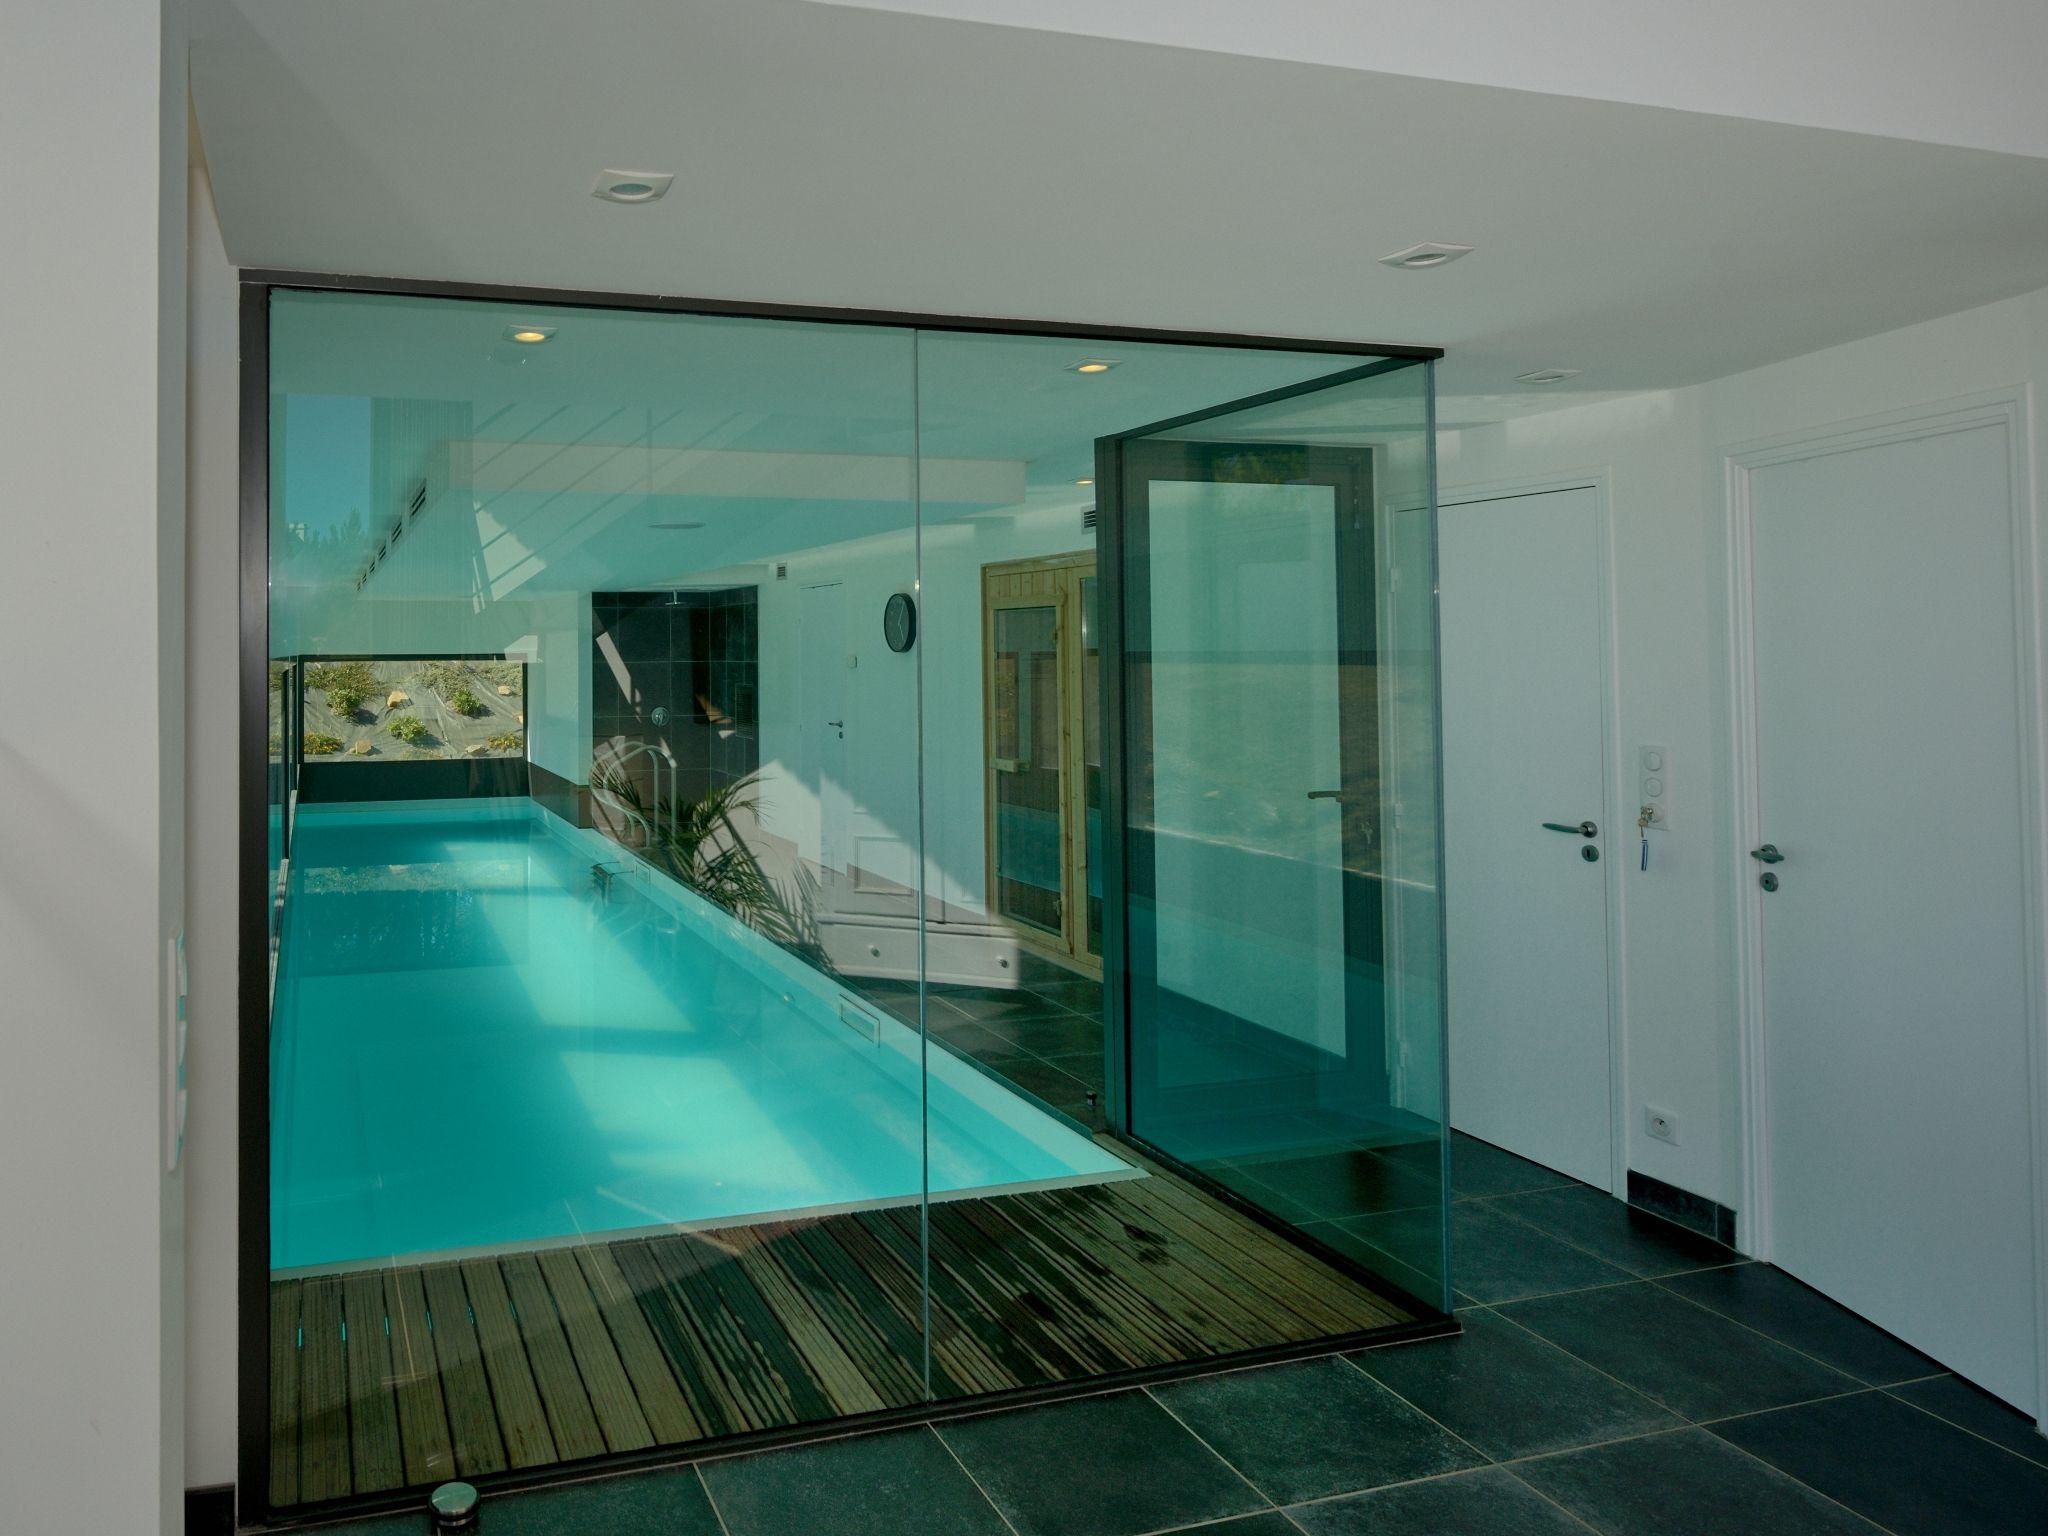 La piscine int rieure par l 39 esprit piscine 12 x 2 50 m for Piscine interieure